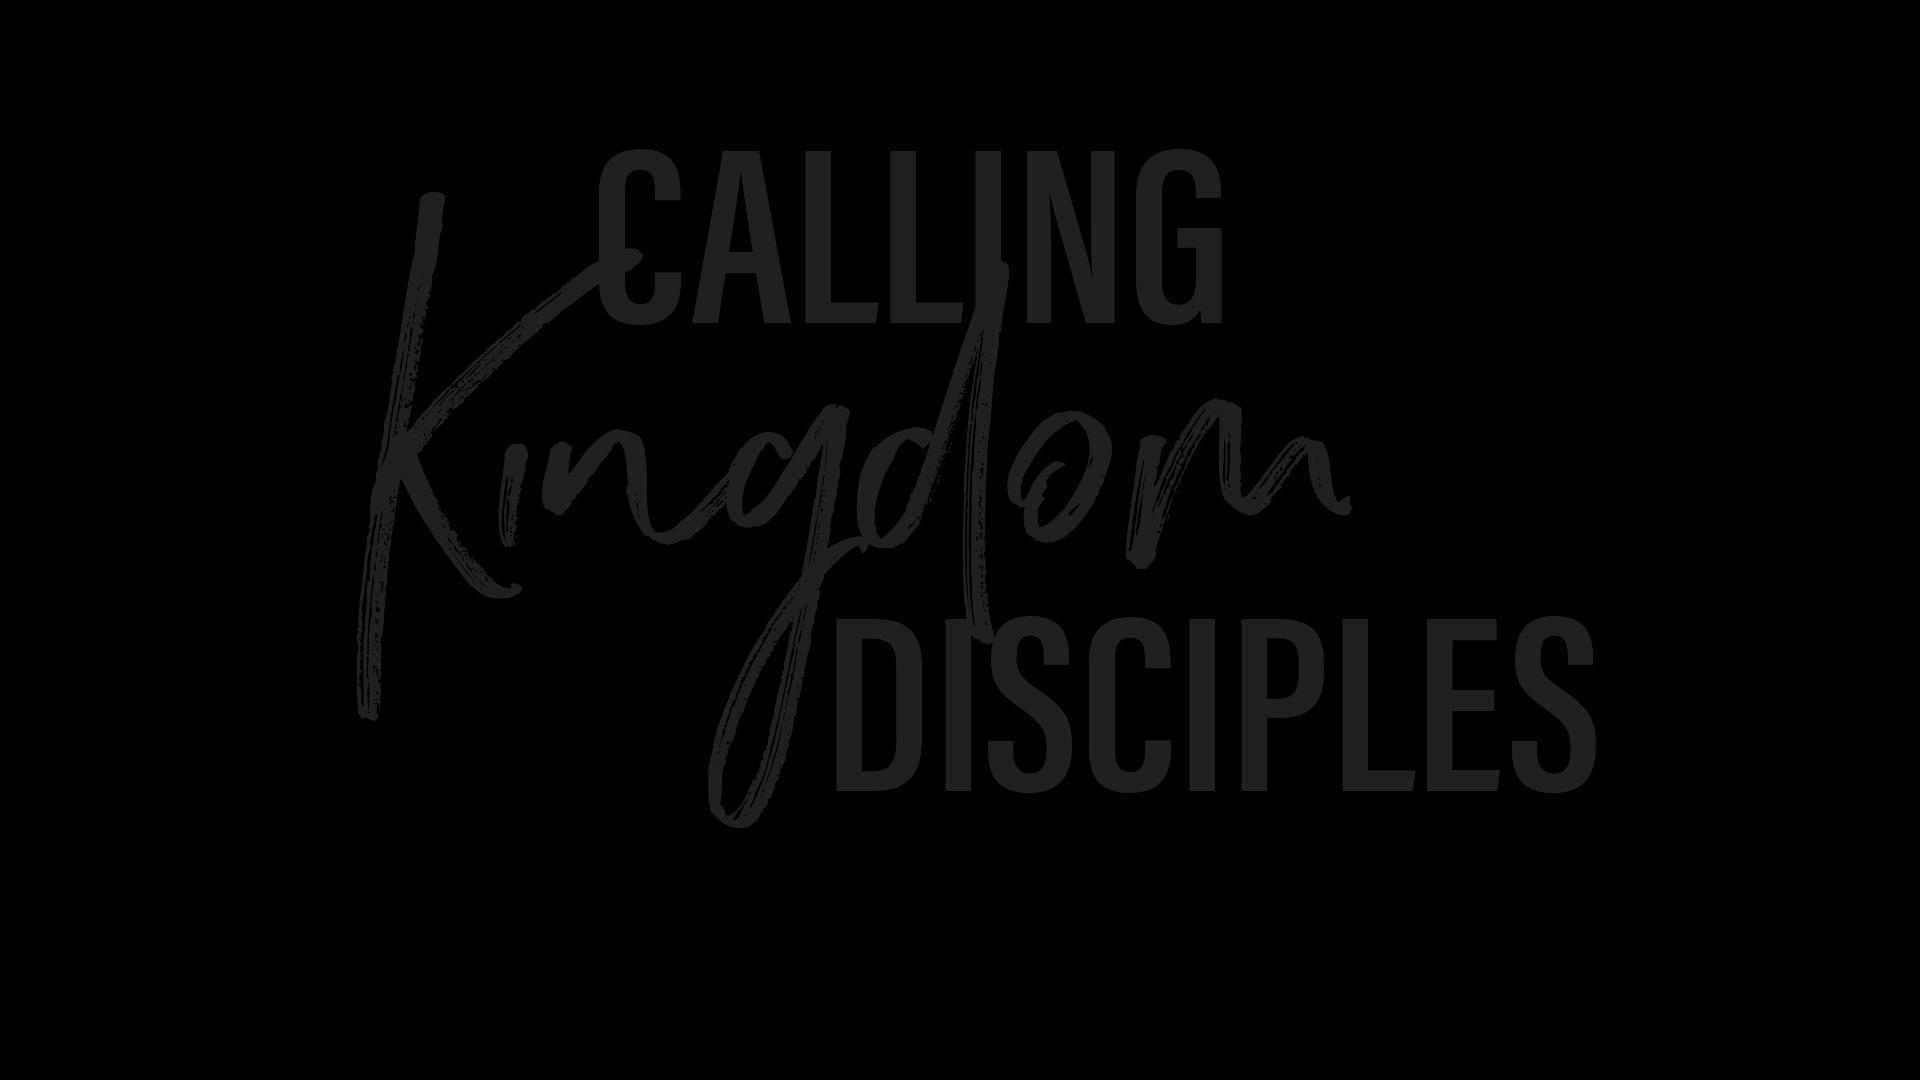 Calling Kingdom Disciples